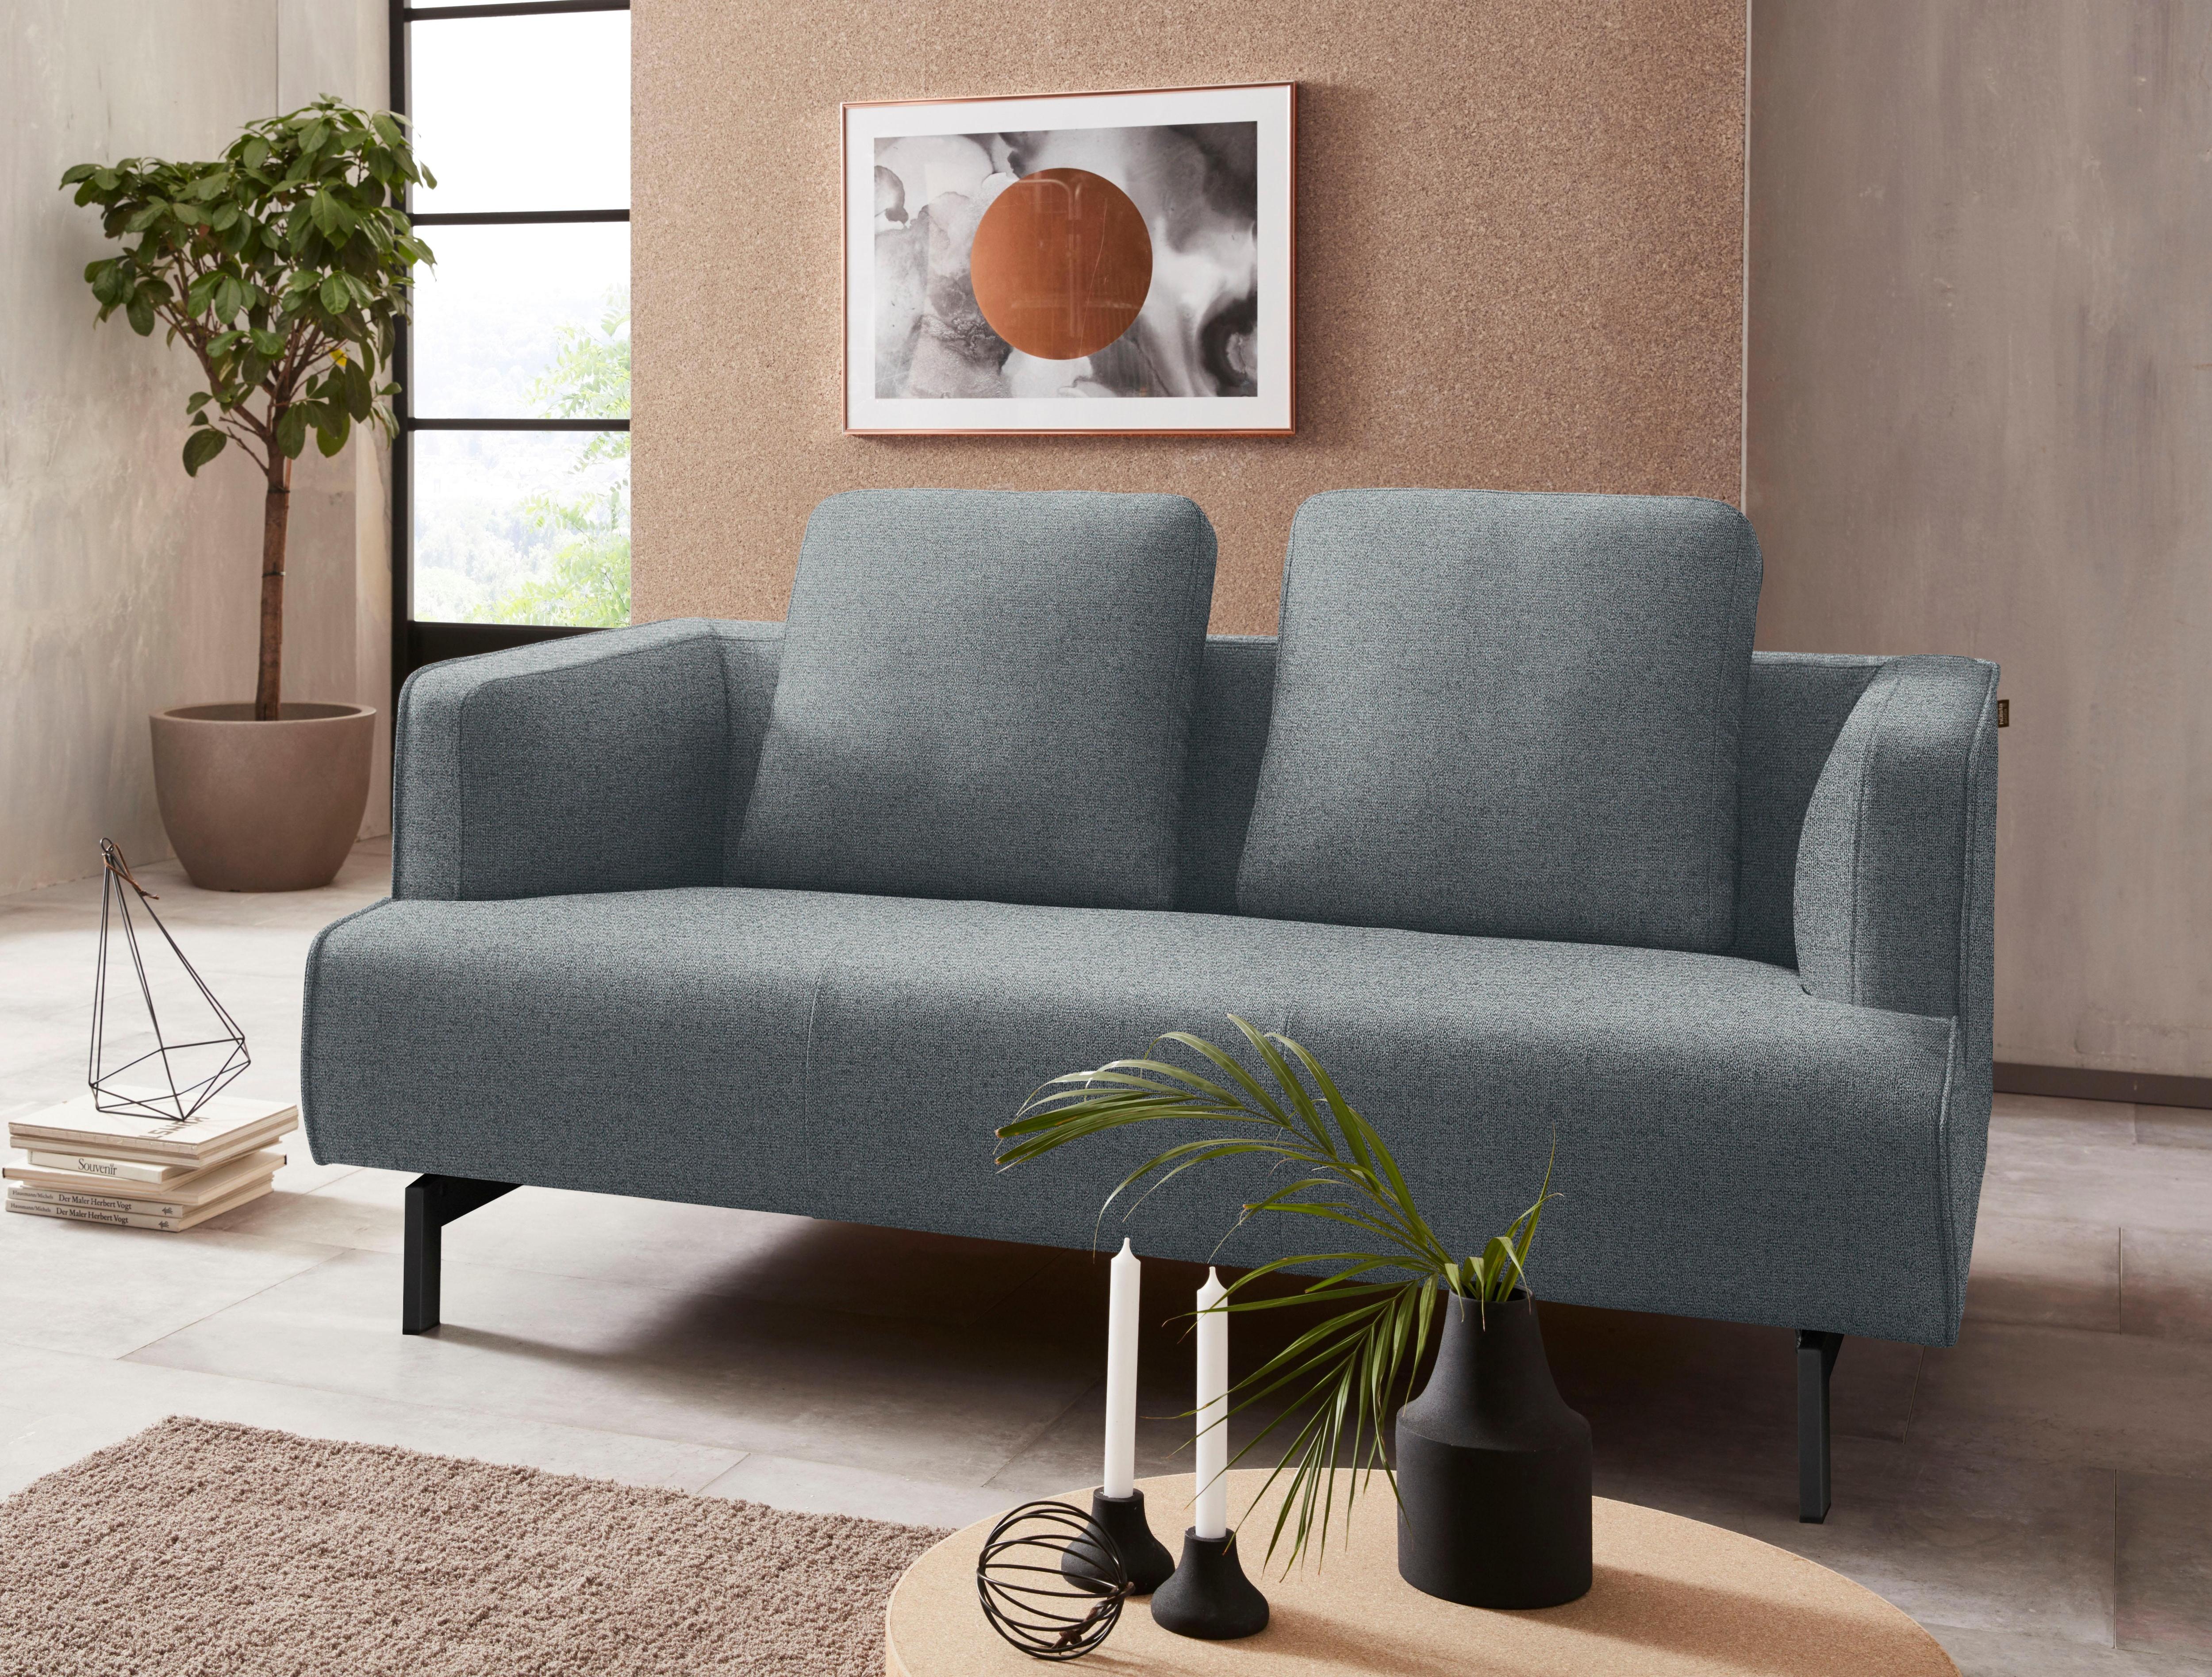 sofa 2 sitzer leder best sitzer sofa leder couch sofa. Black Bedroom Furniture Sets. Home Design Ideas